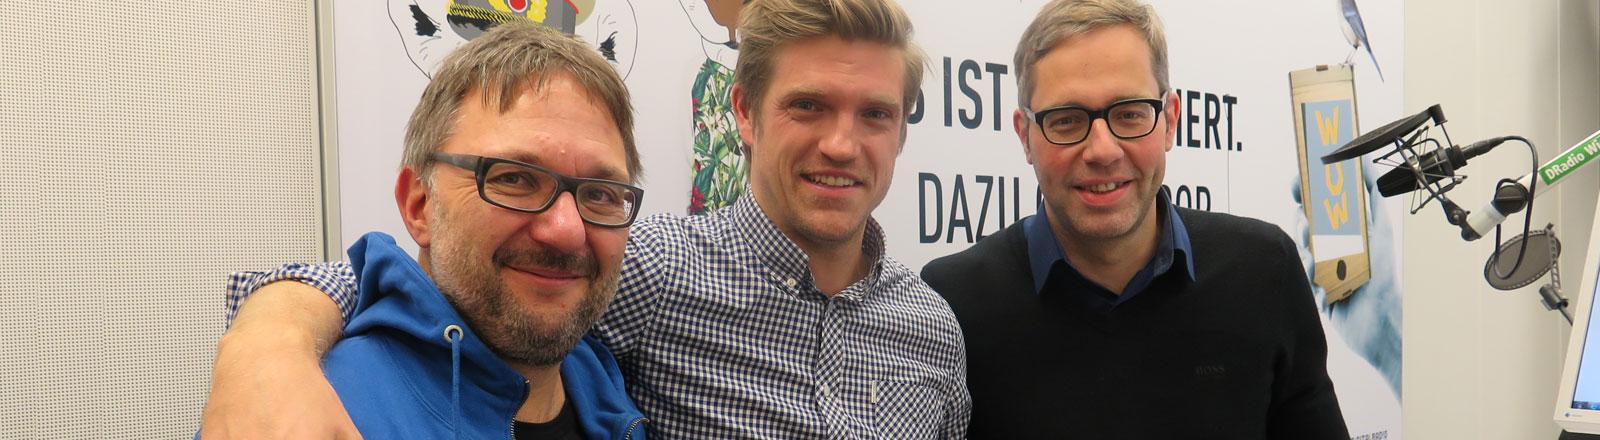 11-Freunde-Redakteure Philipp Köster und Jens Kirschneck bei Endlich Samstag